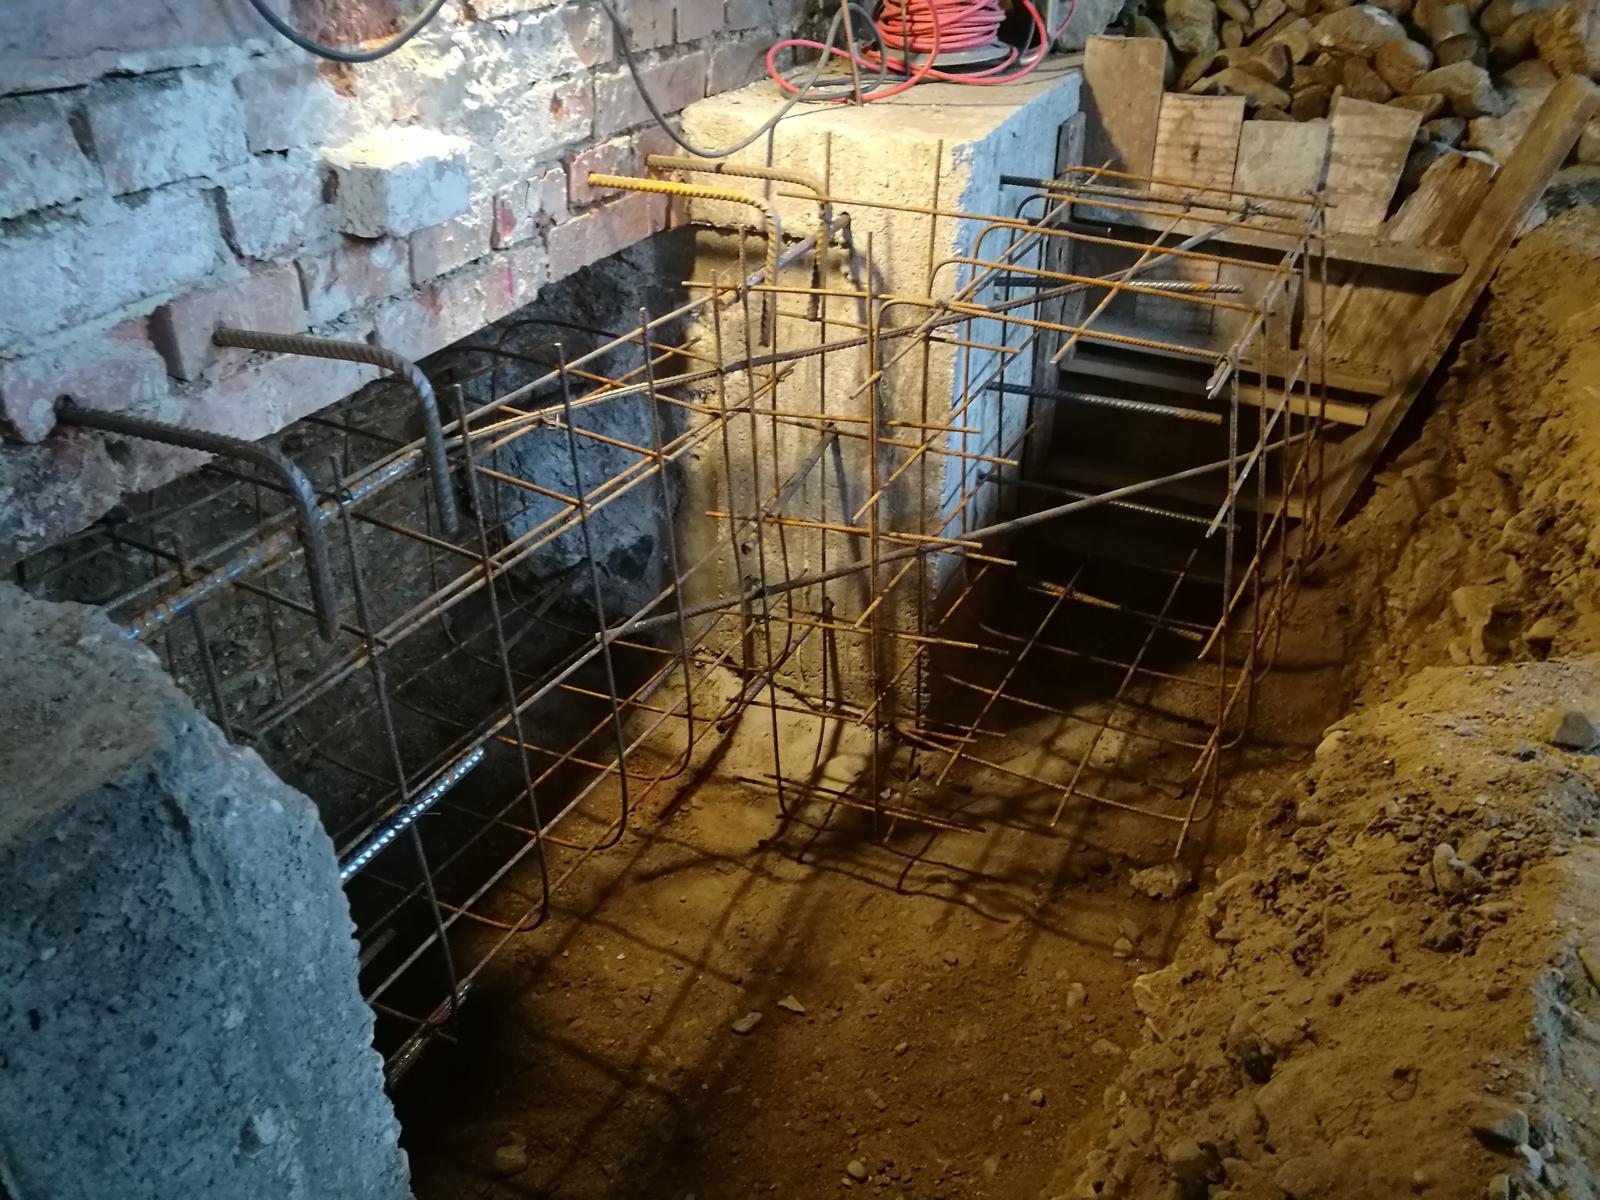 Náš budúci domov - rekonštrukcia rodinného domu - Obrázok č. 60